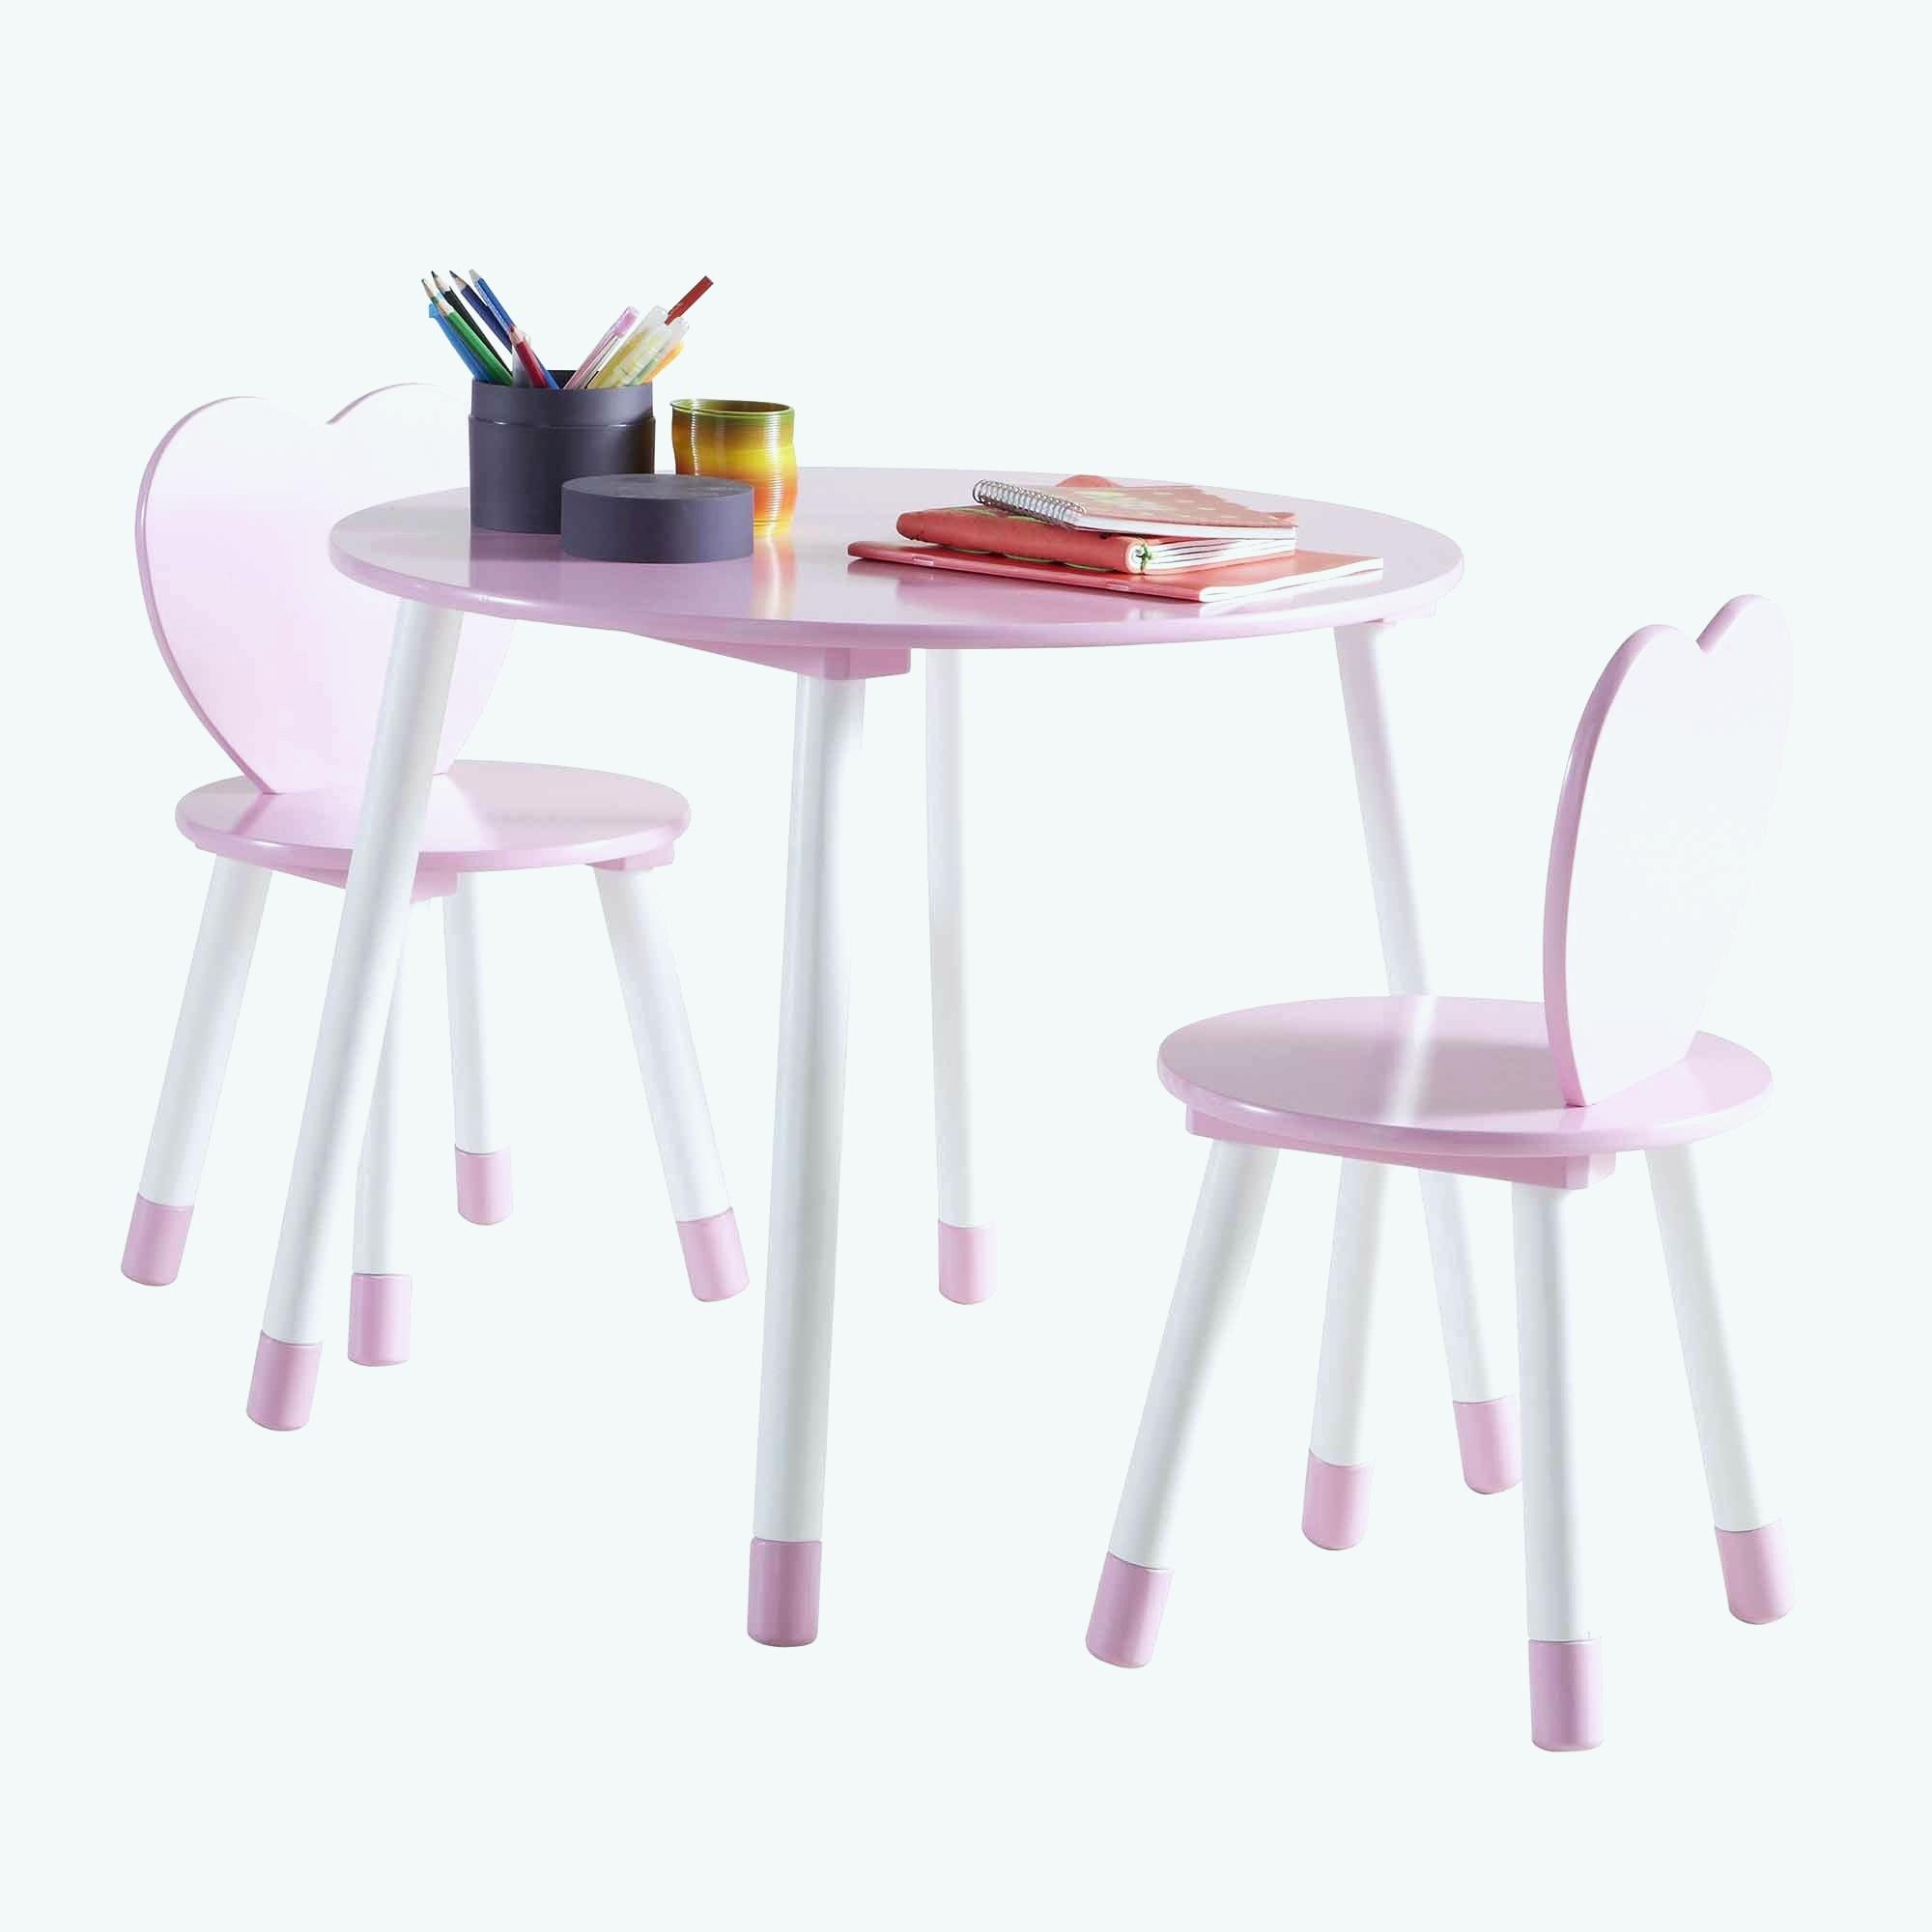 Table Salon Conforama Beau Stock 35 élégant Image De Table De Cuisine Fly